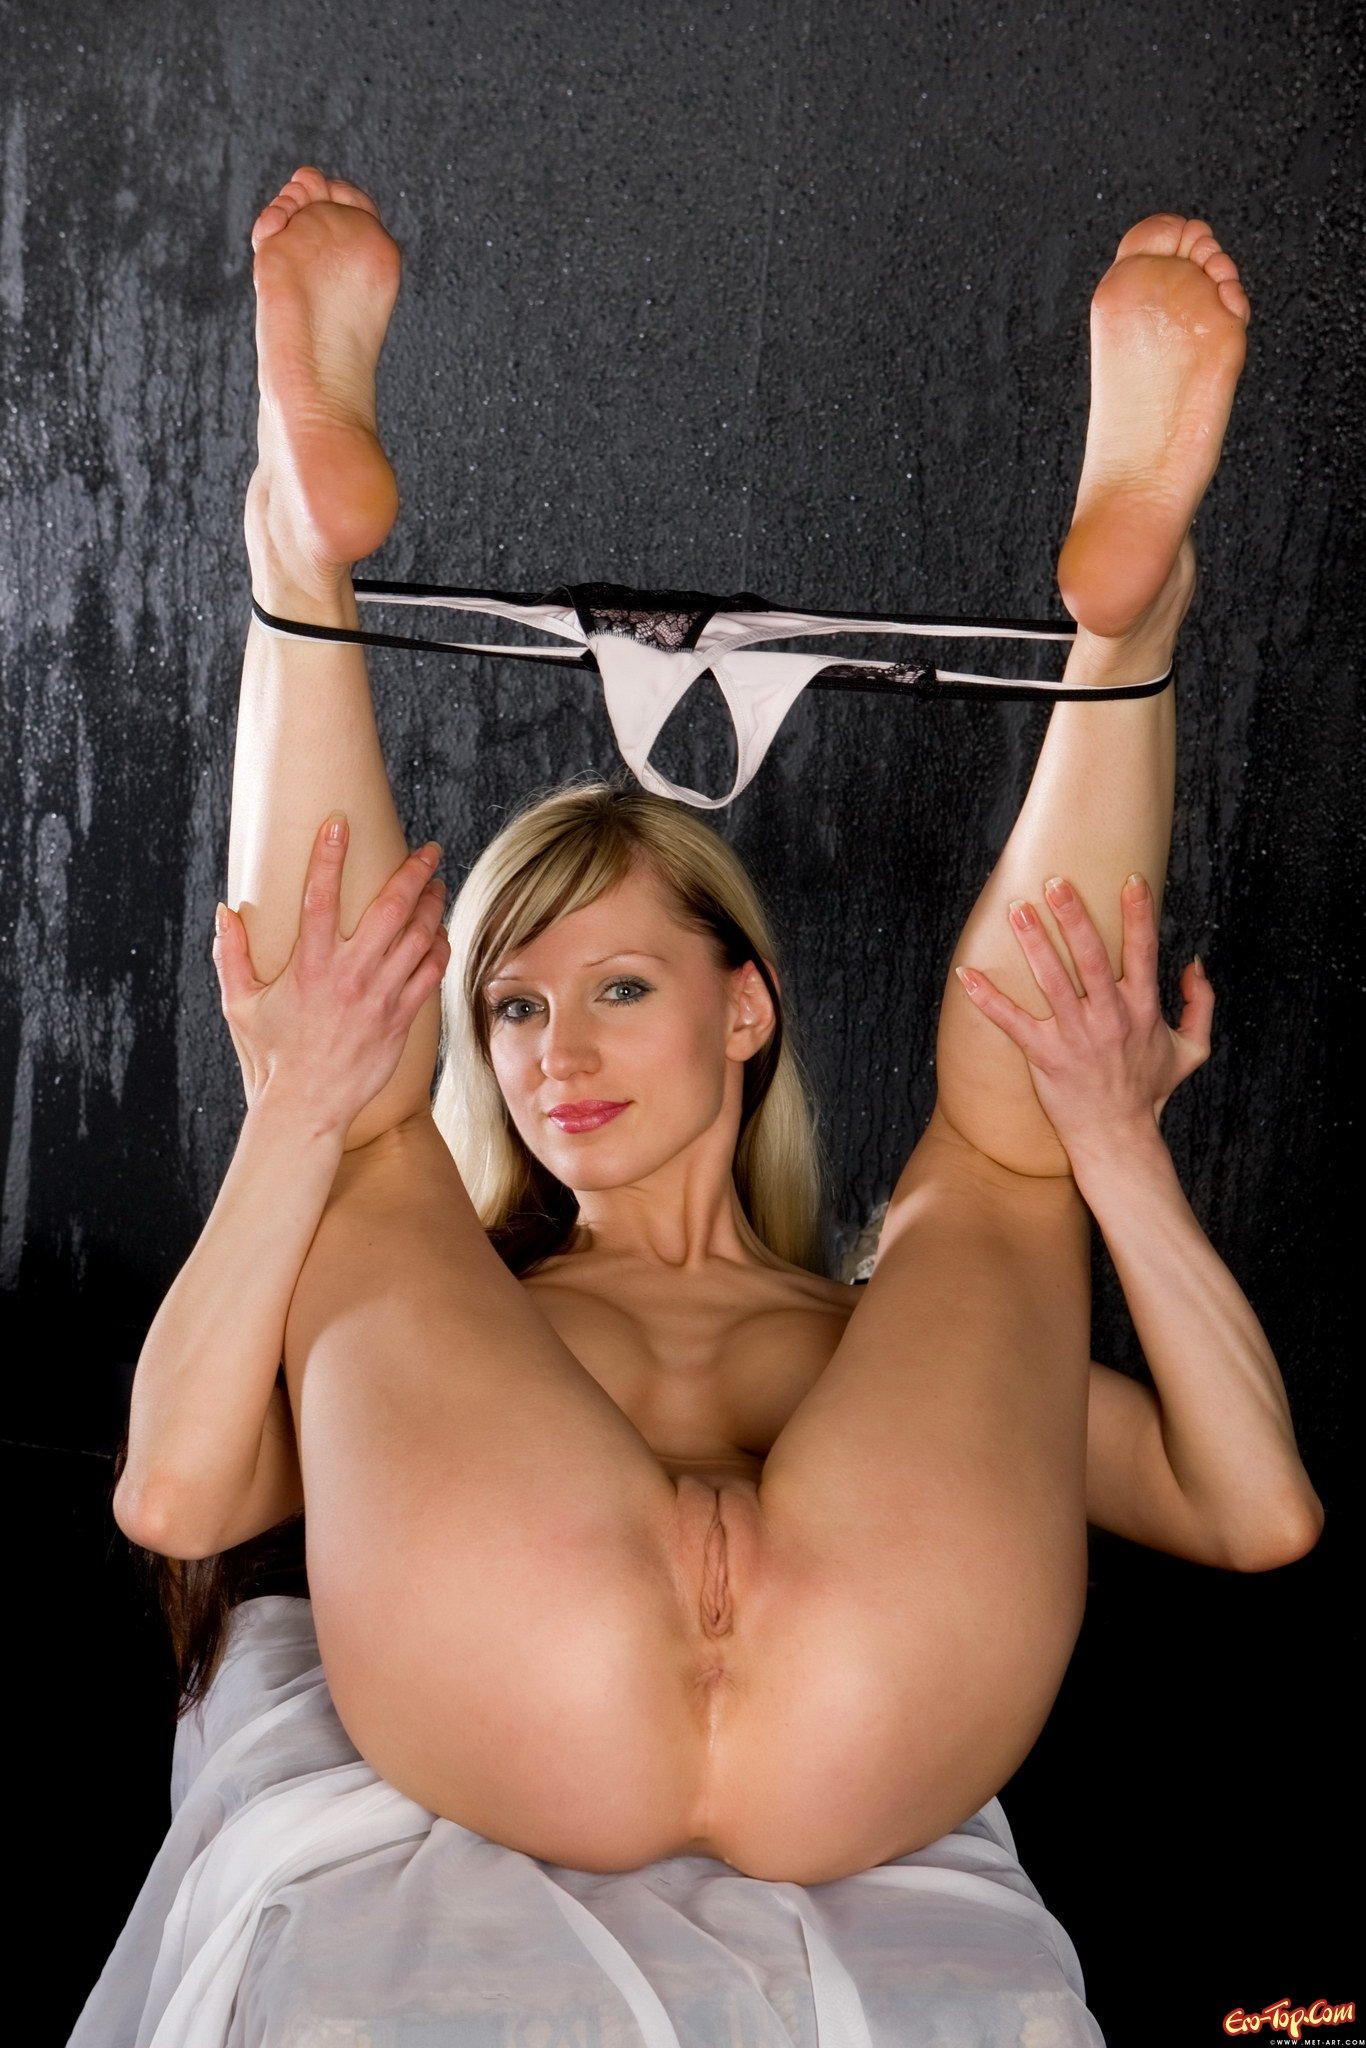 razdvigaet-golie-nogi